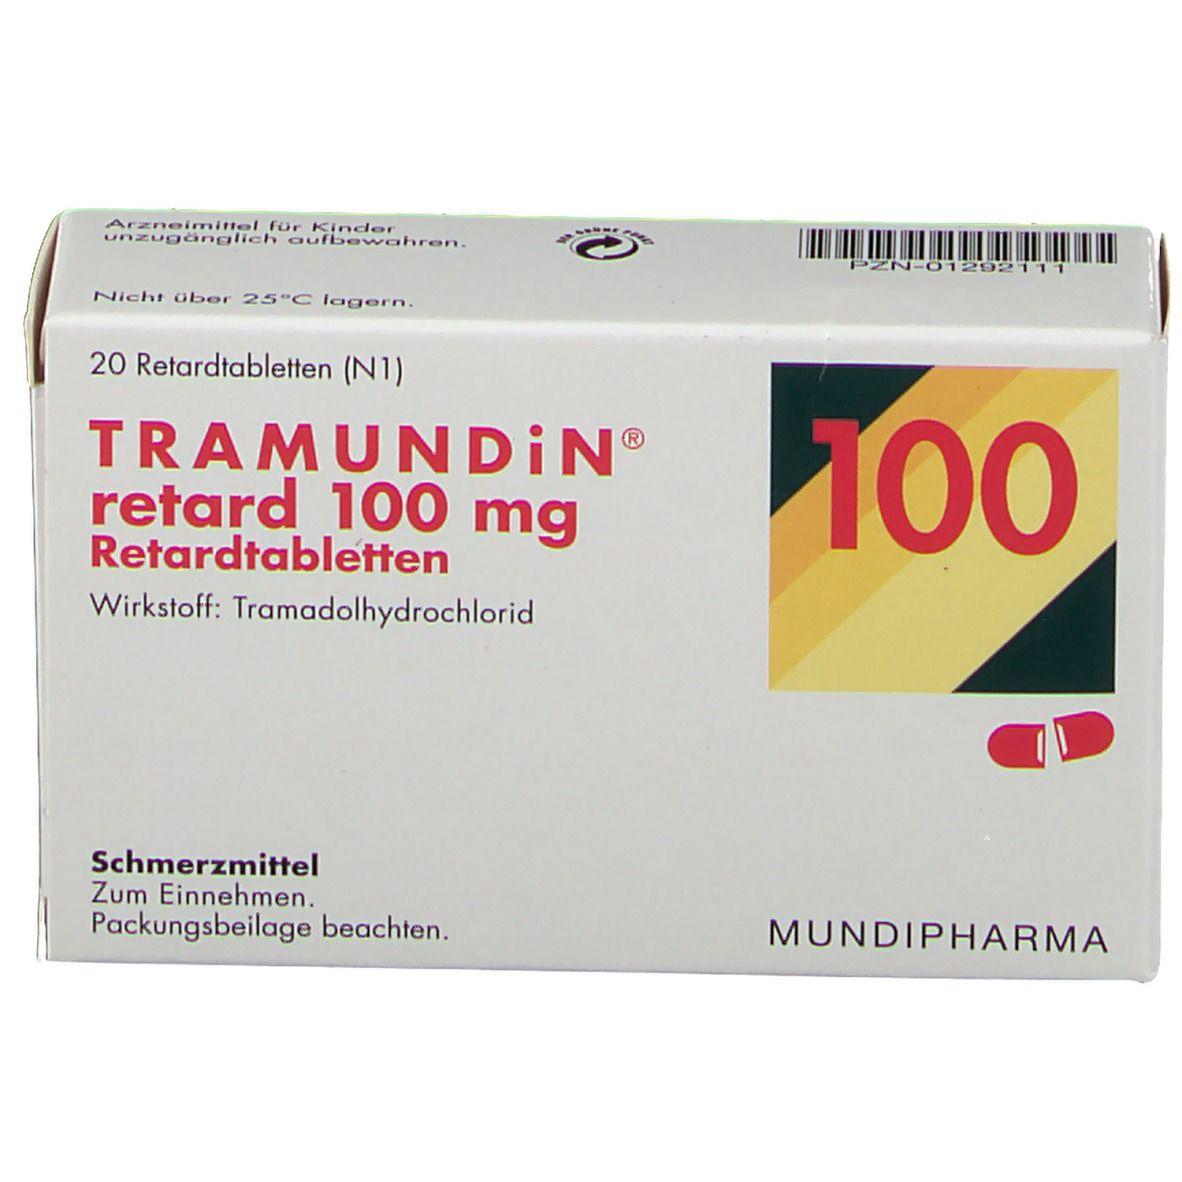 Tramundin retard 100 mg Tabletten